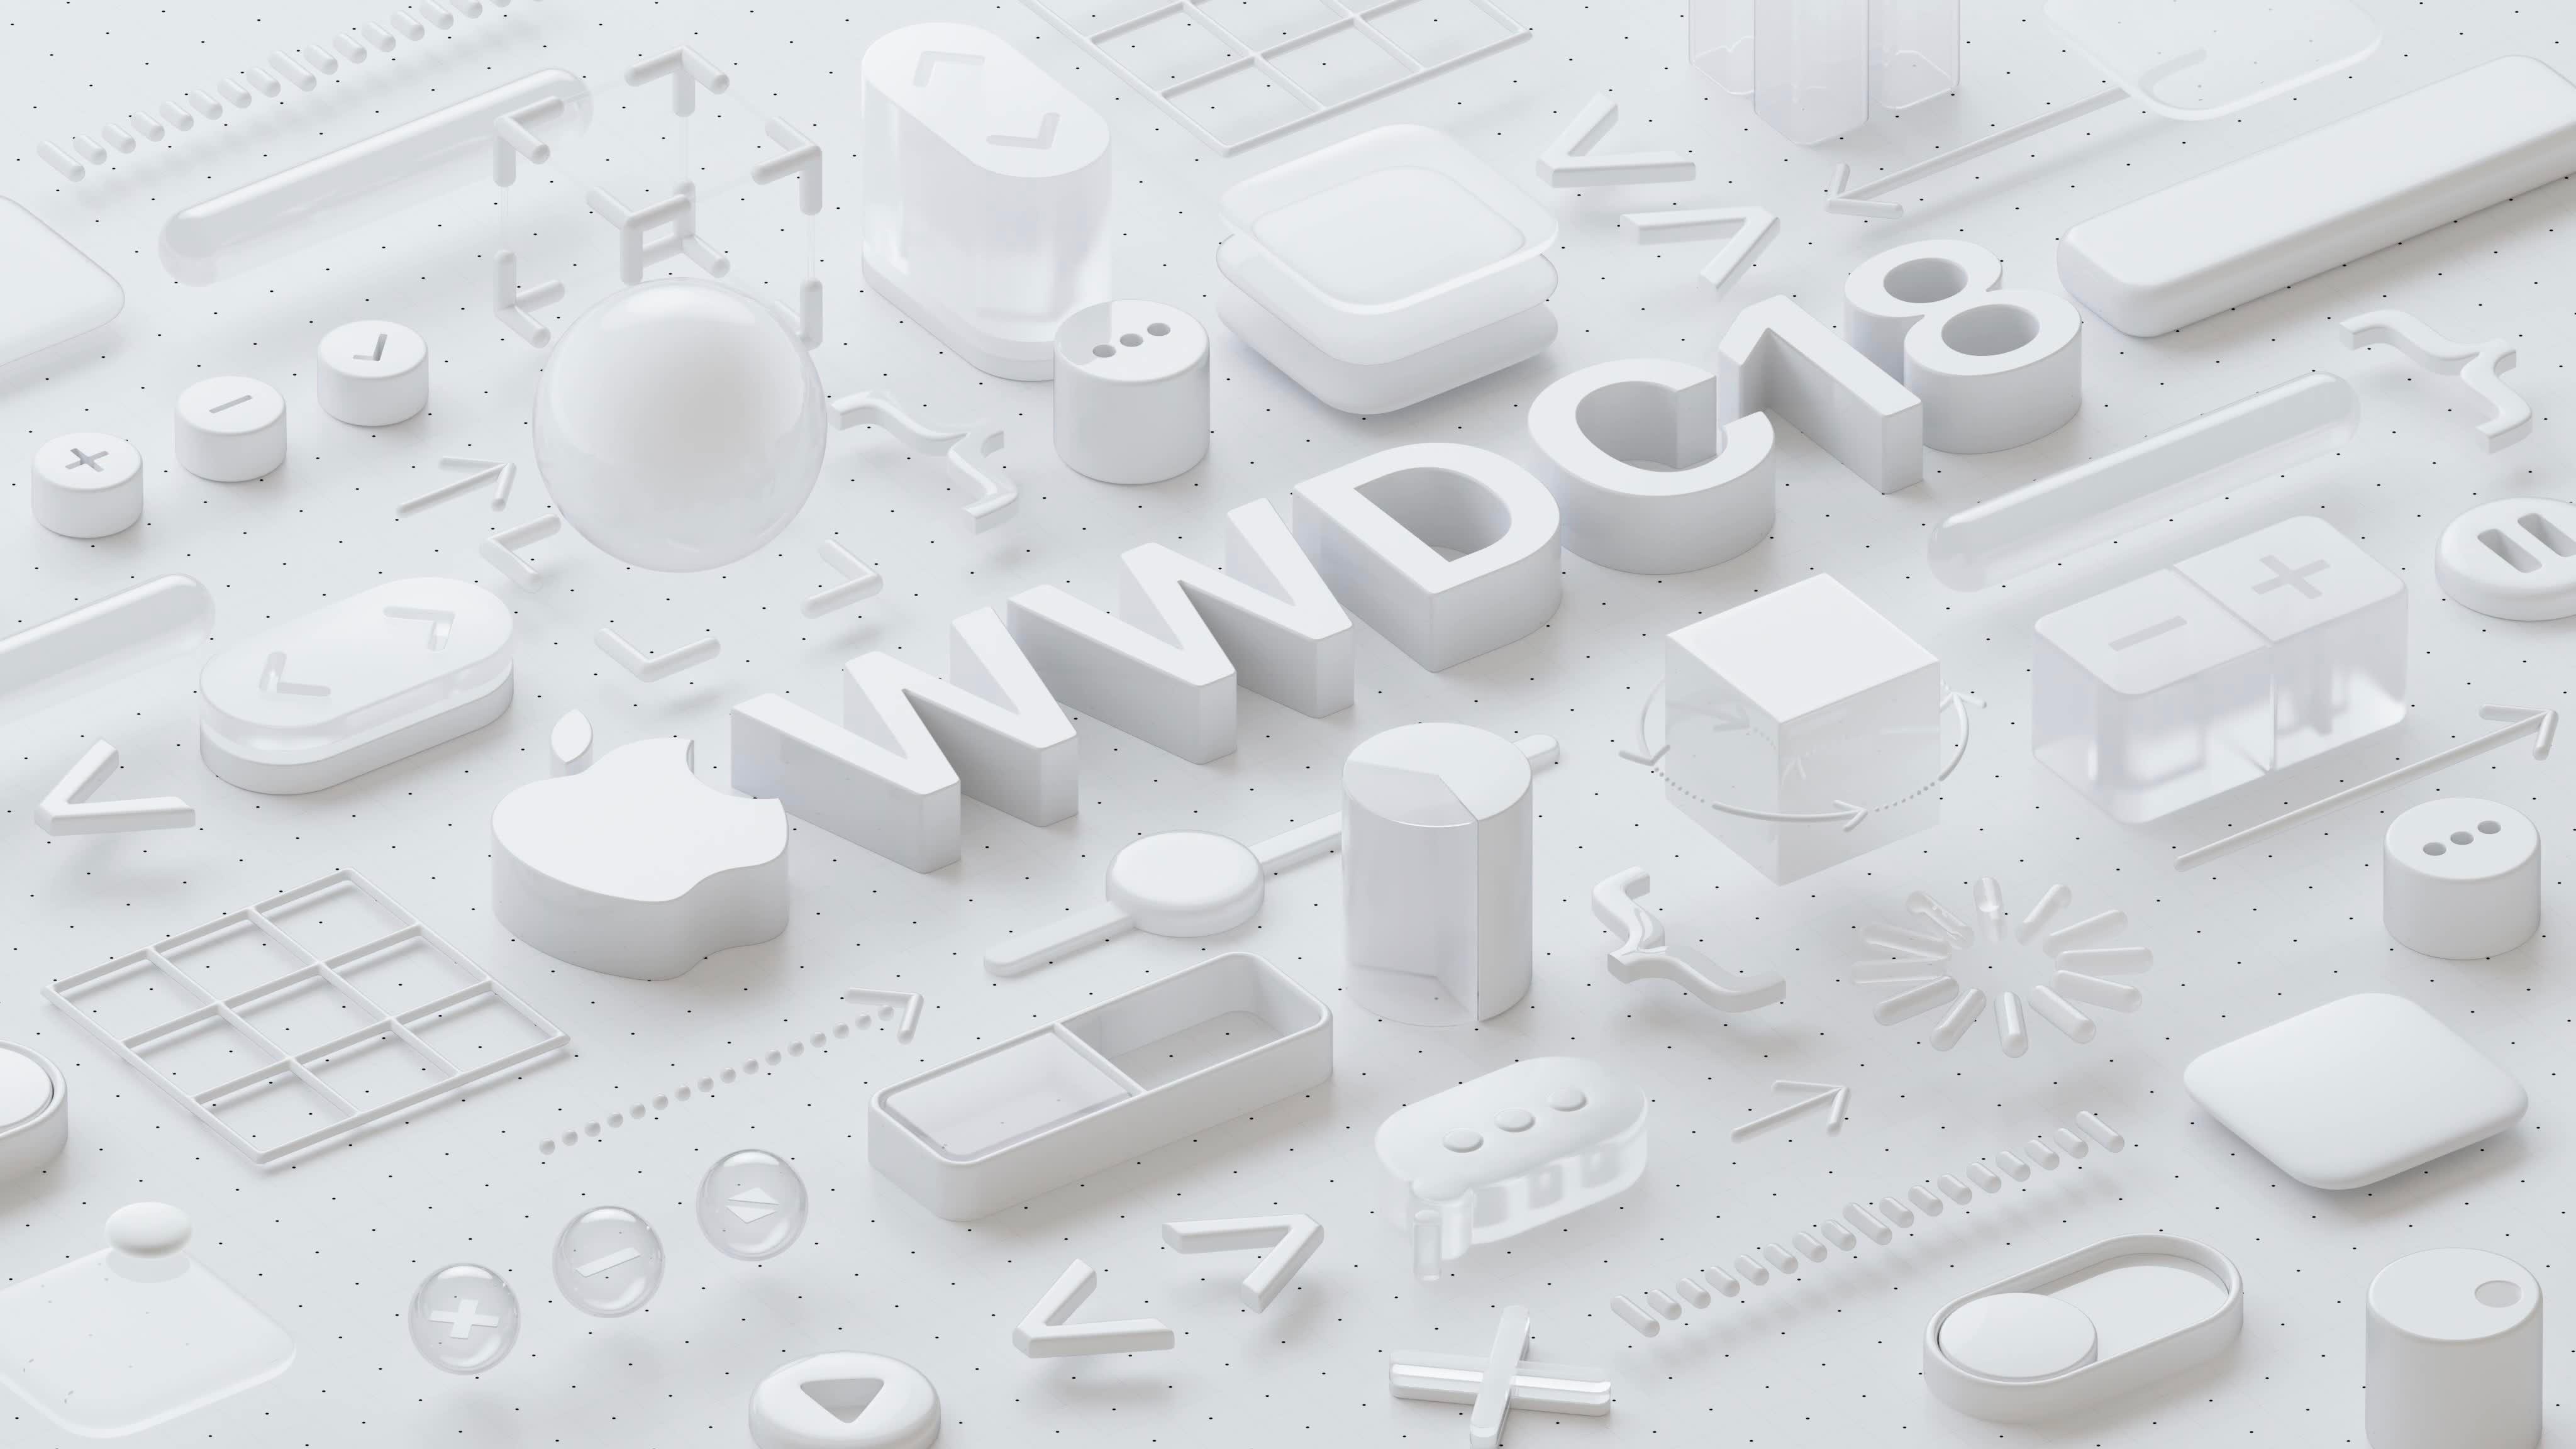 Apple opens WWDC 2018 registration: June 4-8 in San Jose - 9to5Mac